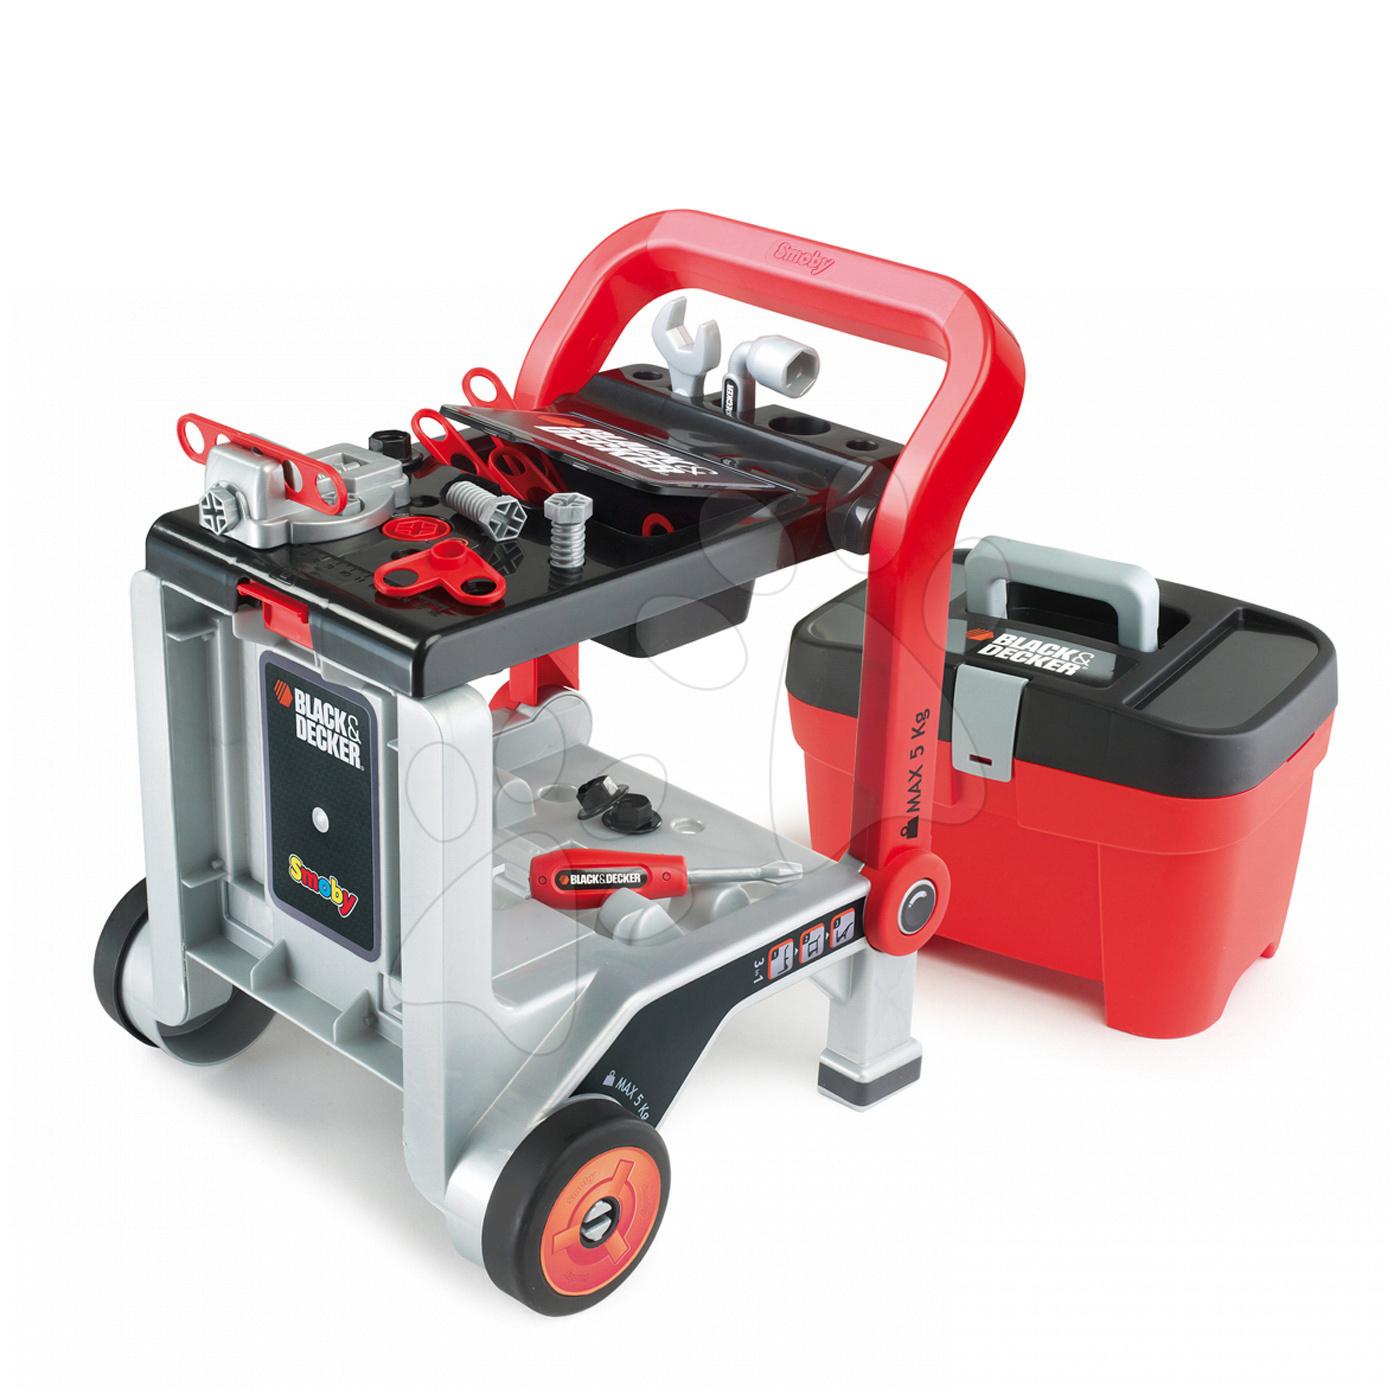 Pracovní vozík Black&Decker Devil Workmate 3v1 Smoby a kufřík s nářadím Tooly